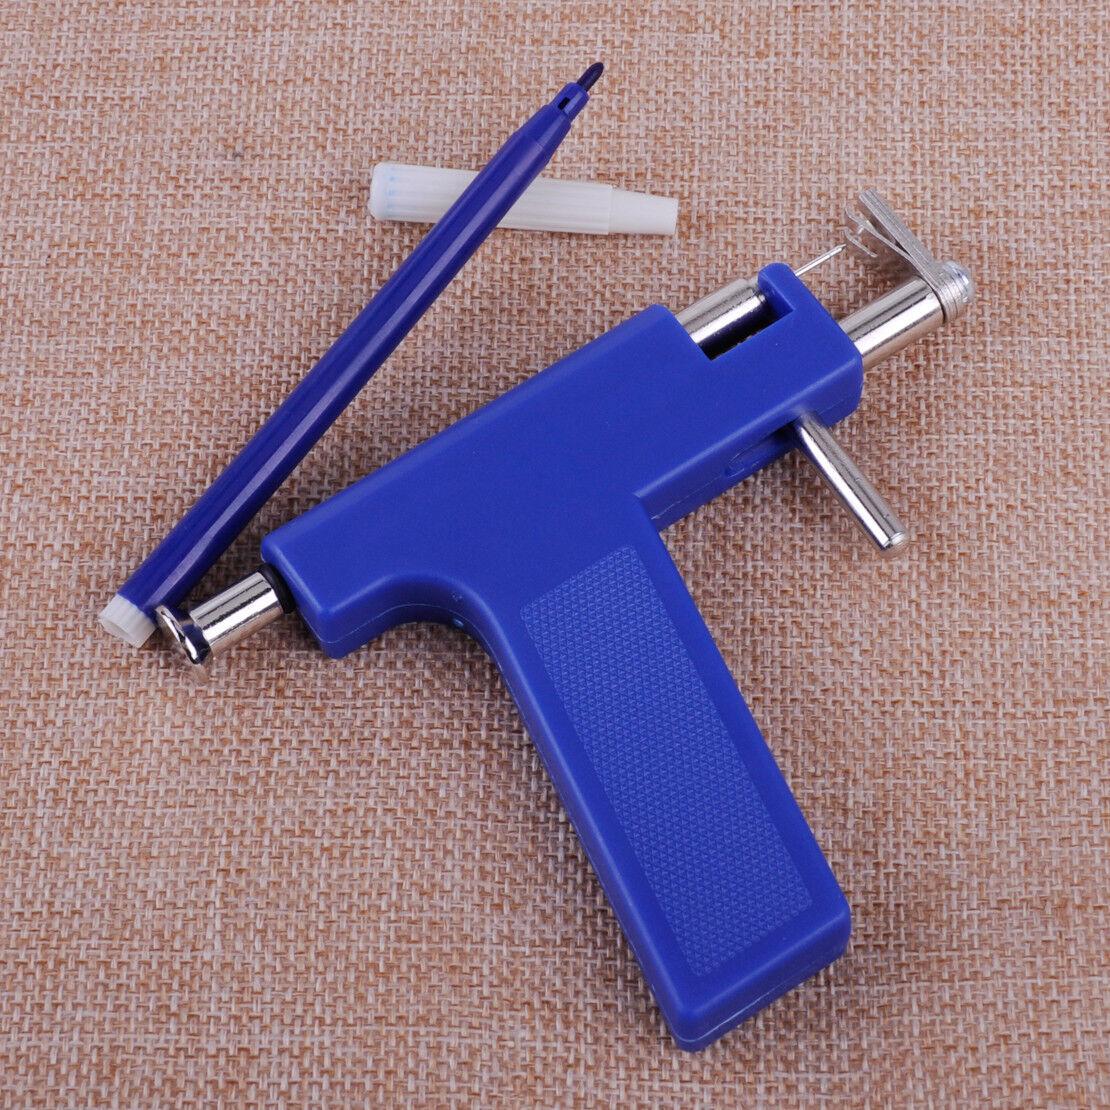 Ohrloch Pistole Ohr Piercing Gun Body Pierce Ohrlochpistole 196x Ohrstecker L